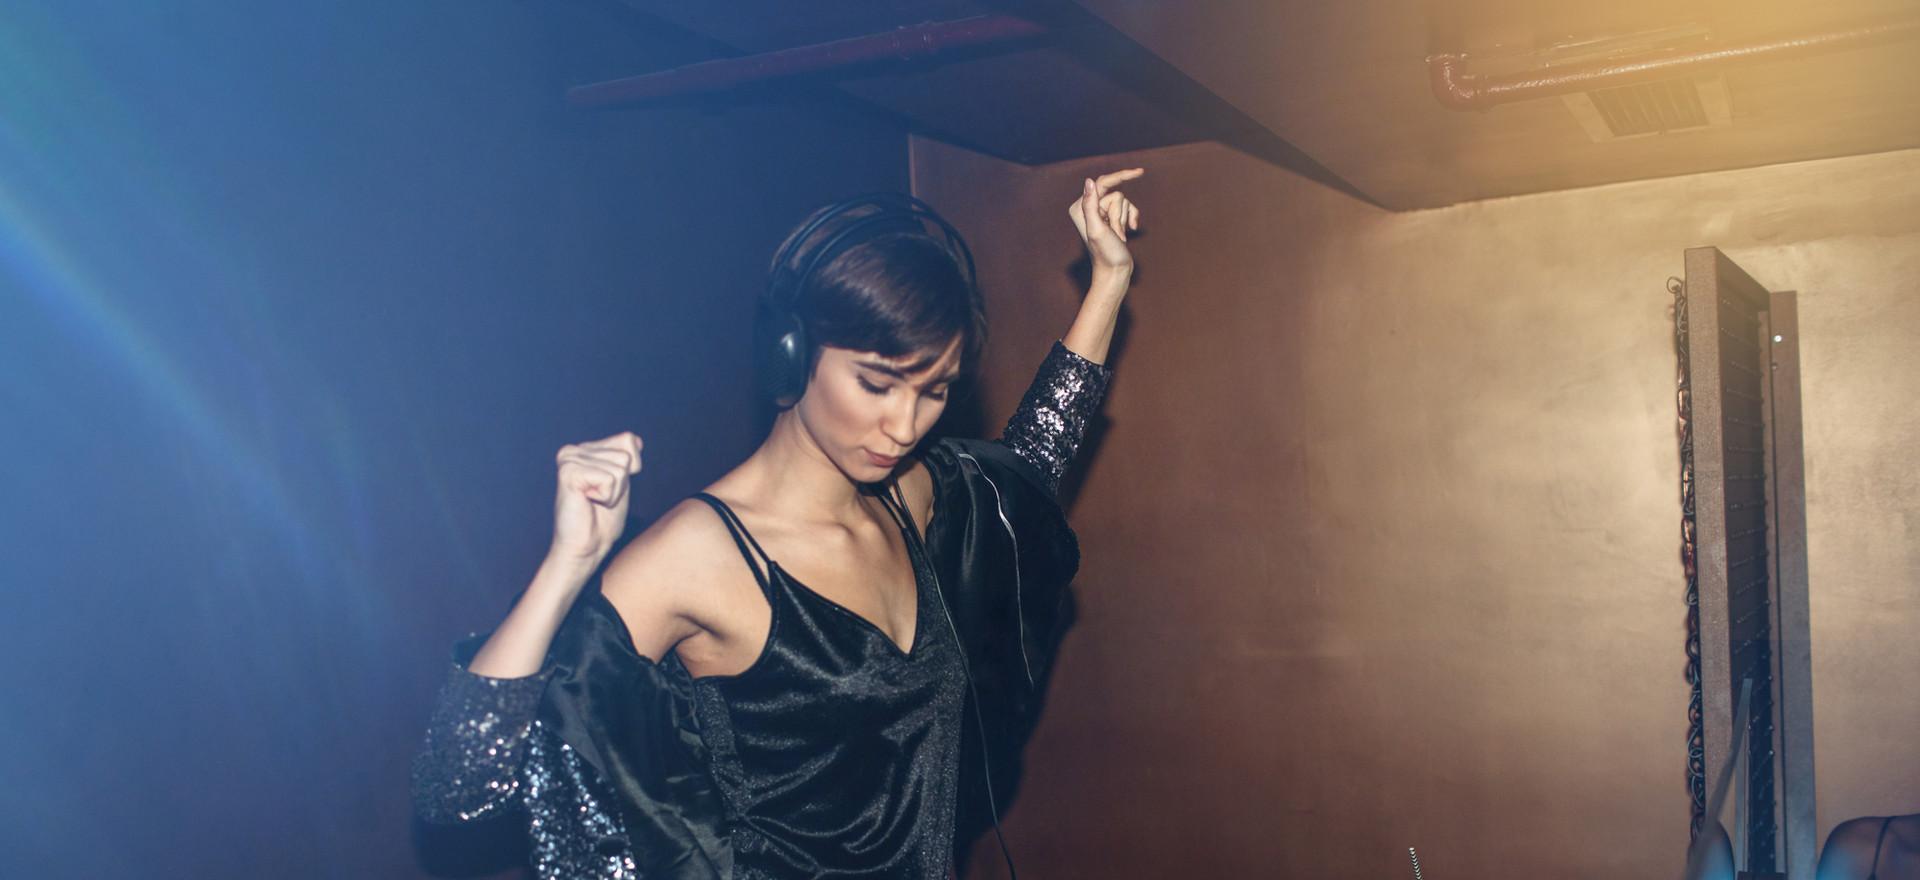 DJ femminile | club nautico chia